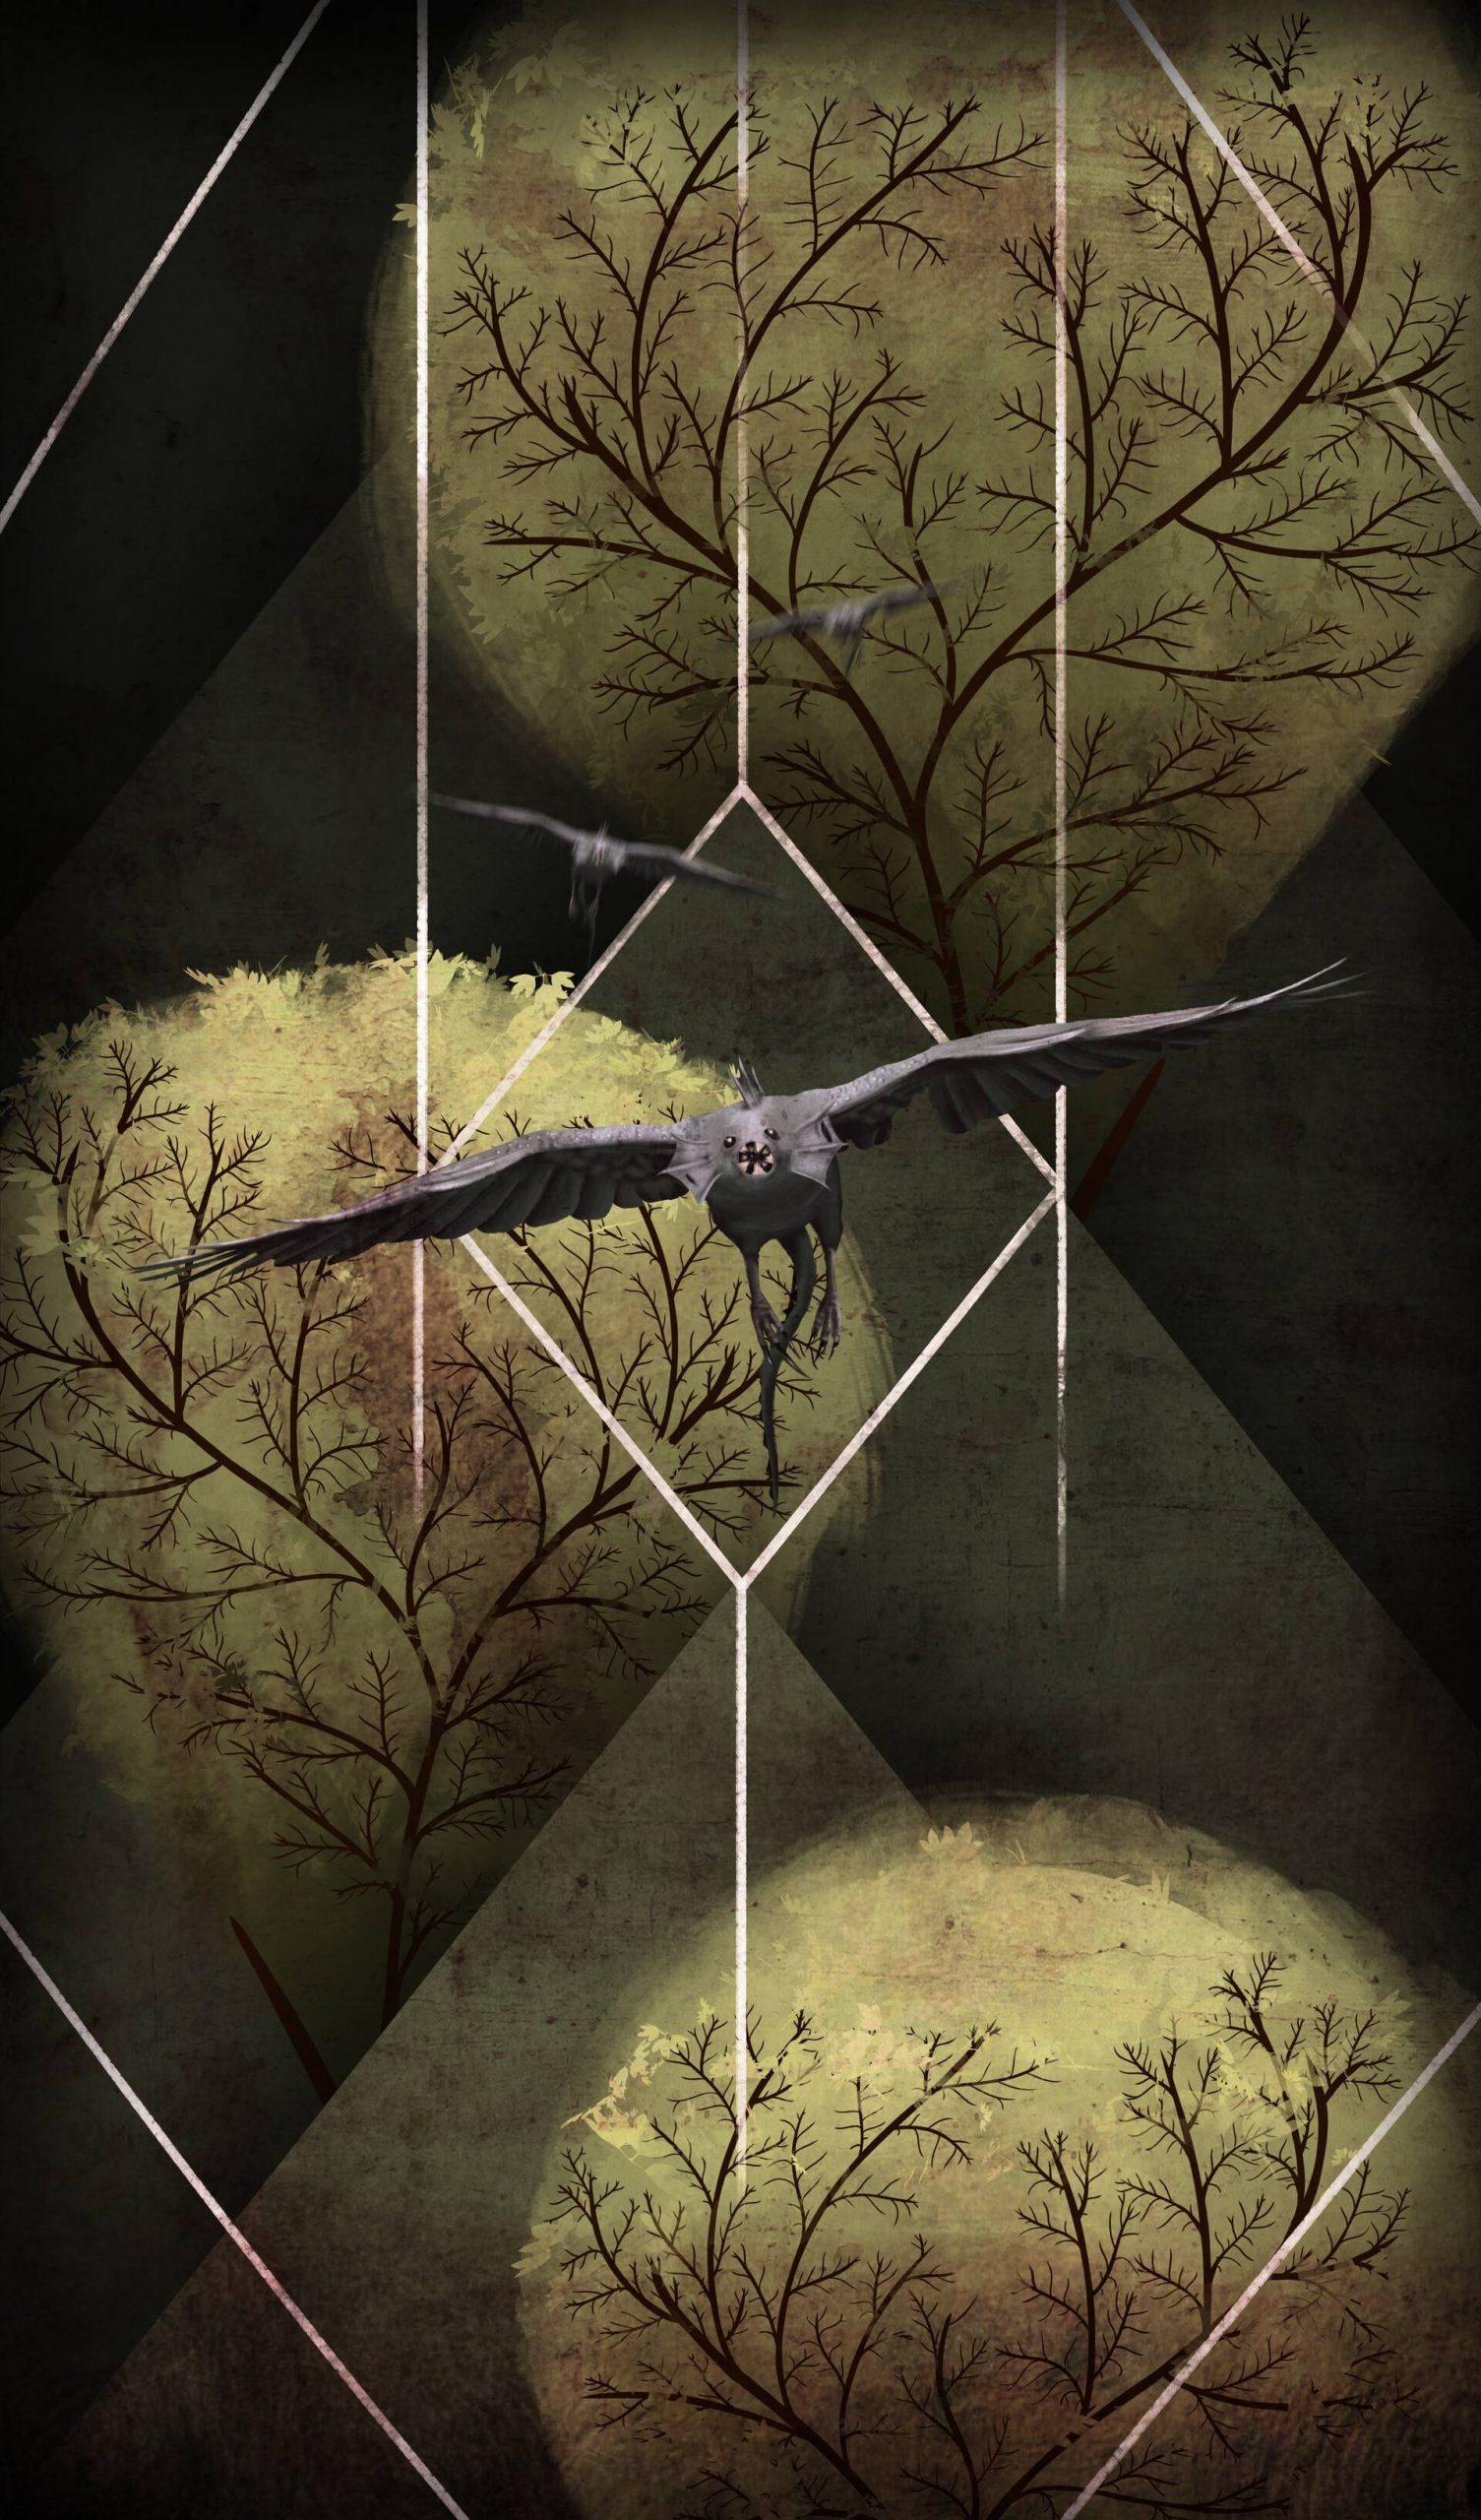 Demibird - Creature Illustration